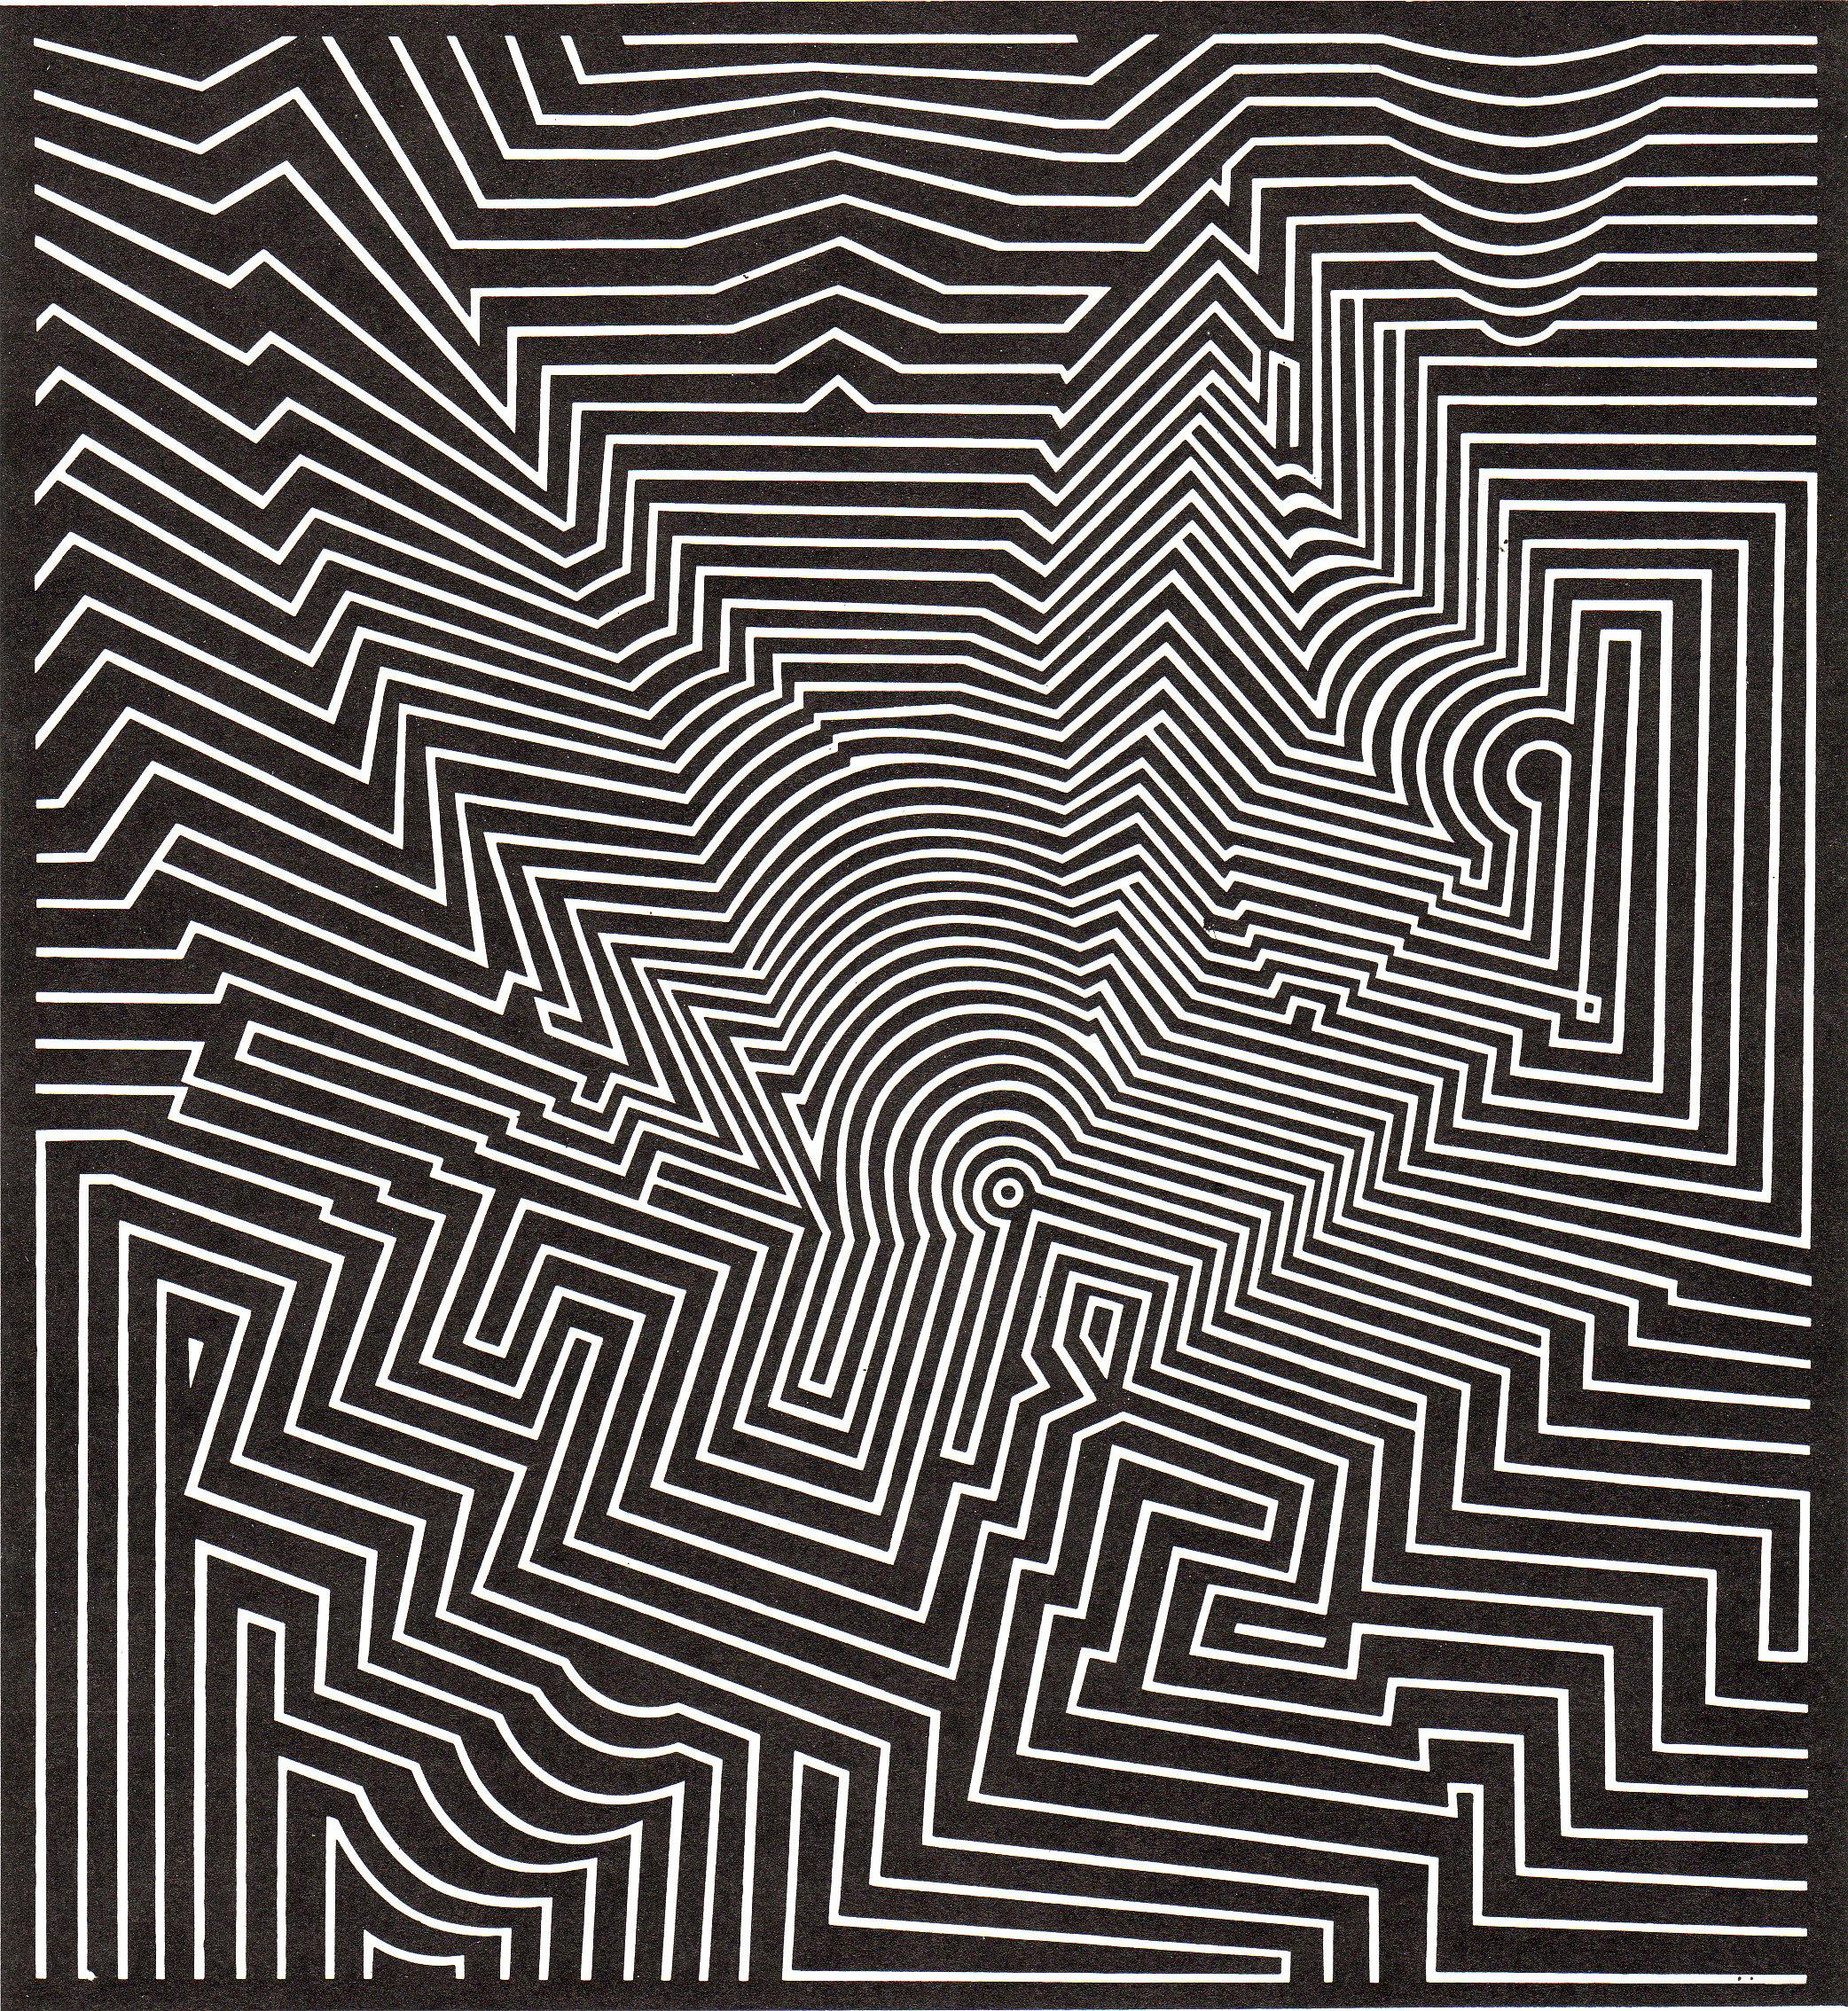 Victor-Vasarely-Art-1952-61-Zint.jpg